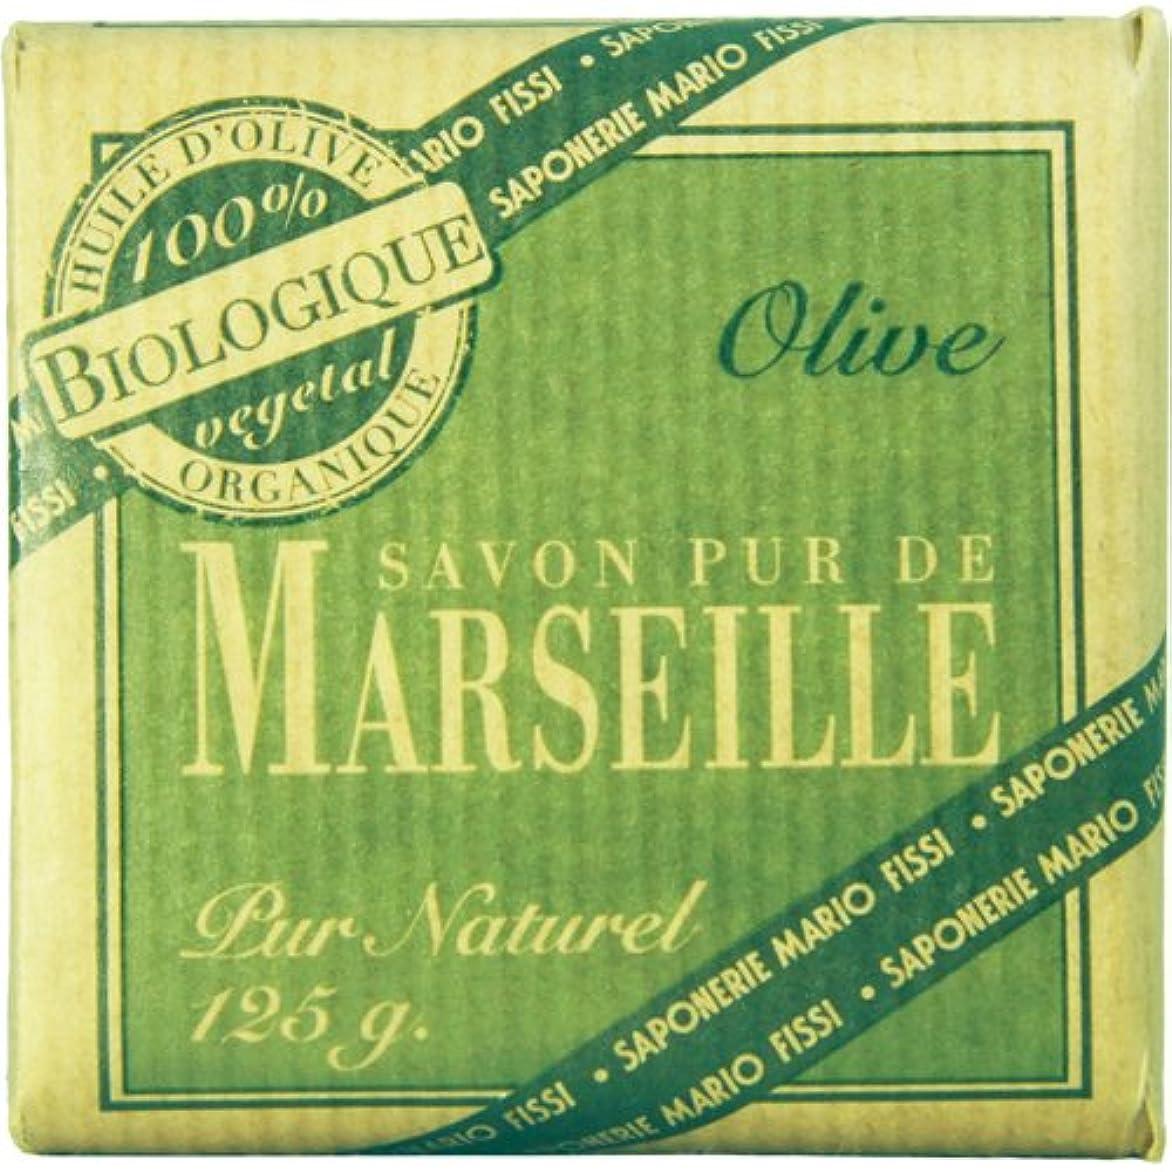 広々武装解除繊維Saponerire Fissi マルセイユシリーズ マルセイユソープ 125g Olive オリーブ